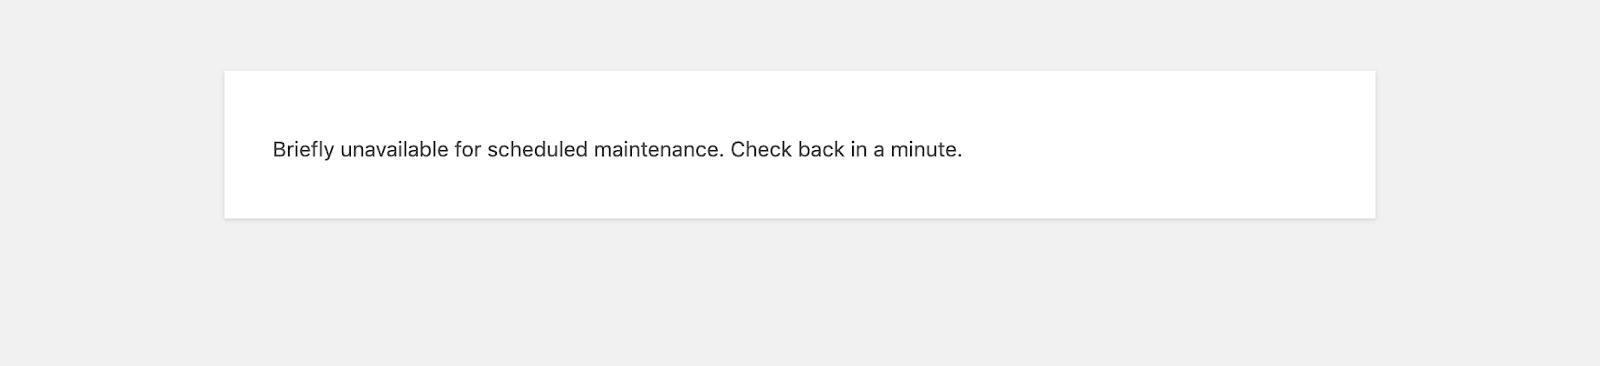 WordPressの「現在メンテナンス中のため、しばらくの間ご利用いただけません」というメッセージ(英語)